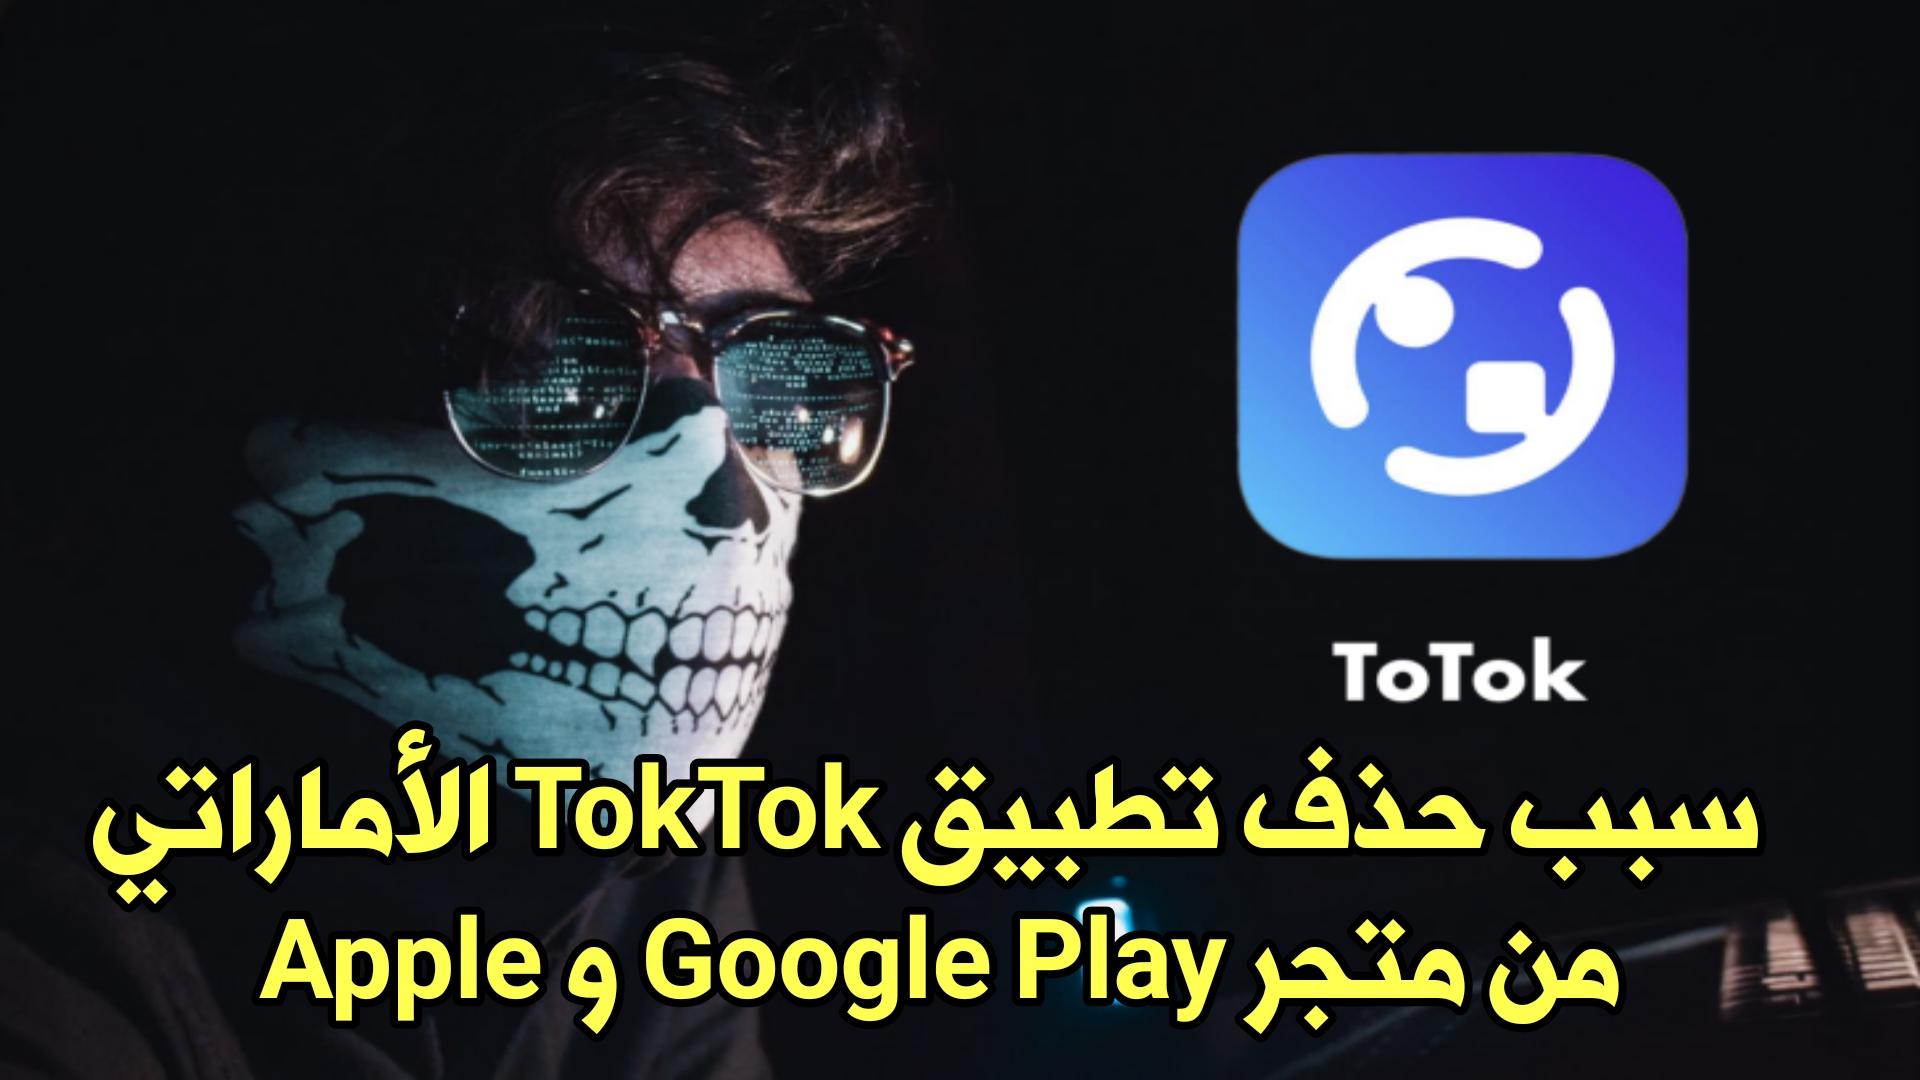 تعرف على سبب حذف تطبيق ToTok الأماراتي من متجر Google Play وApple الذي أثار الجدل مؤخراً